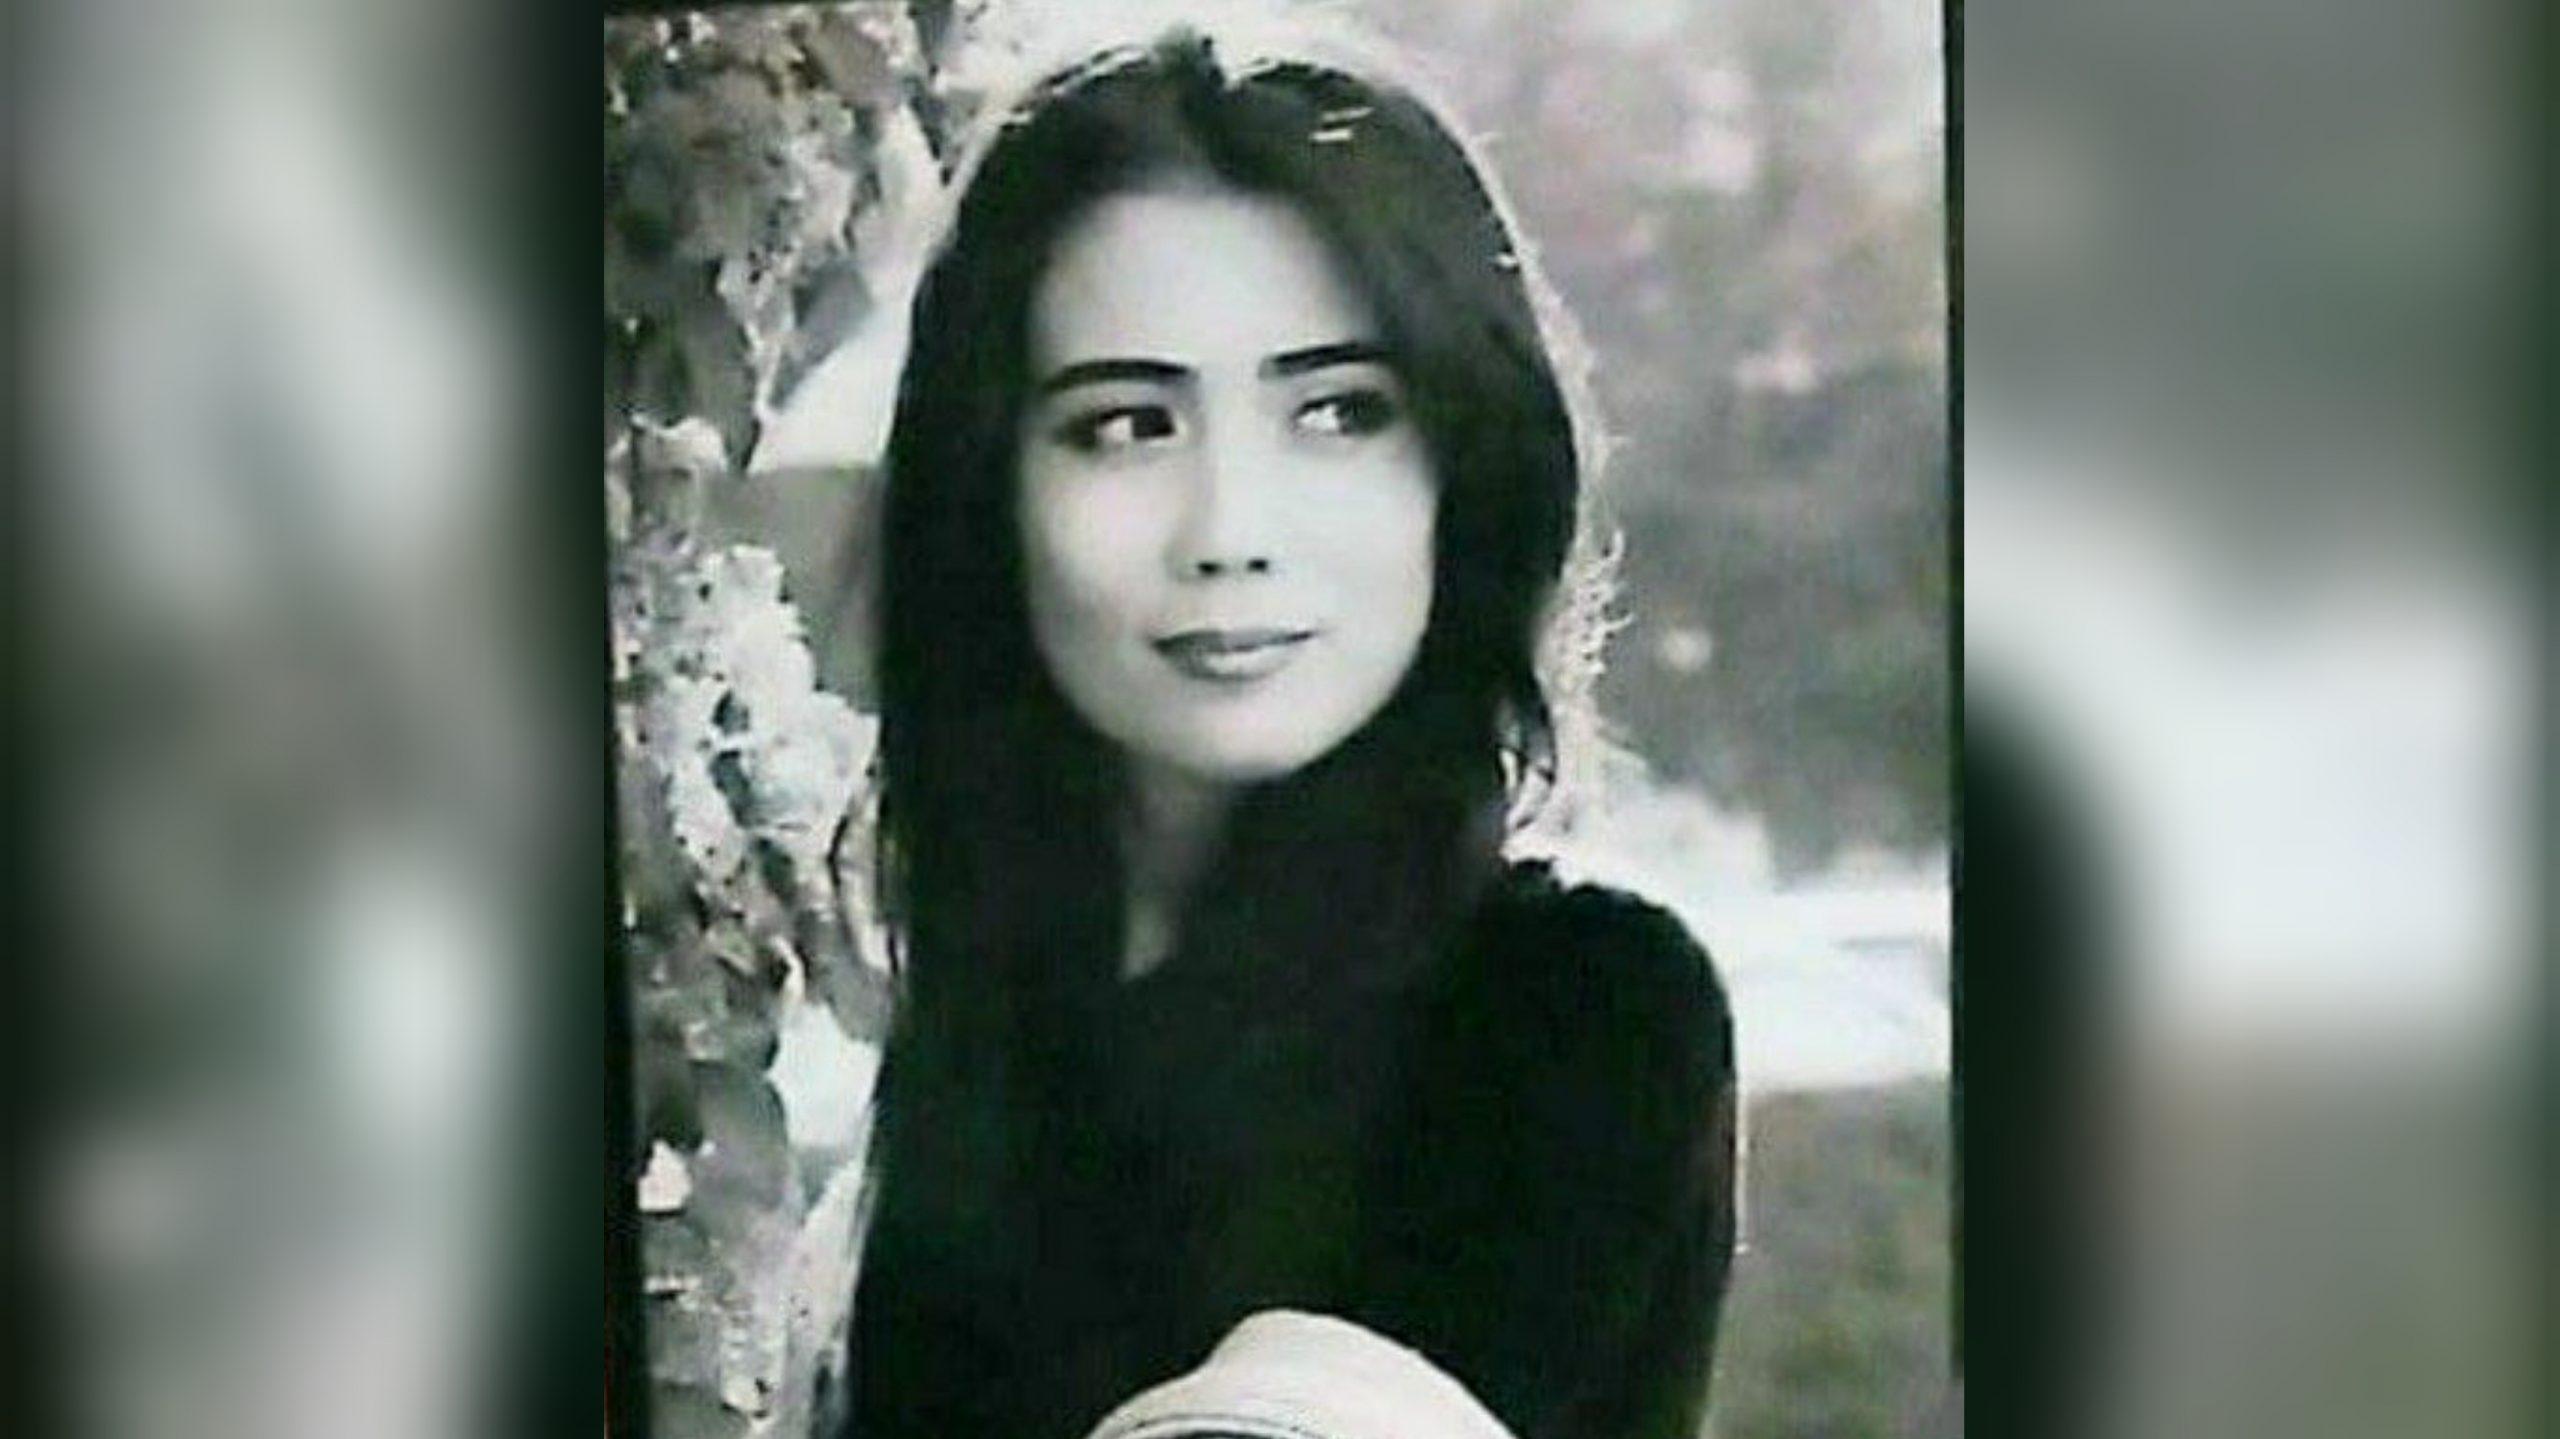 Стали известны подробности гибели сотрудницы ГАБТ имени Алишера Навои в ДТП